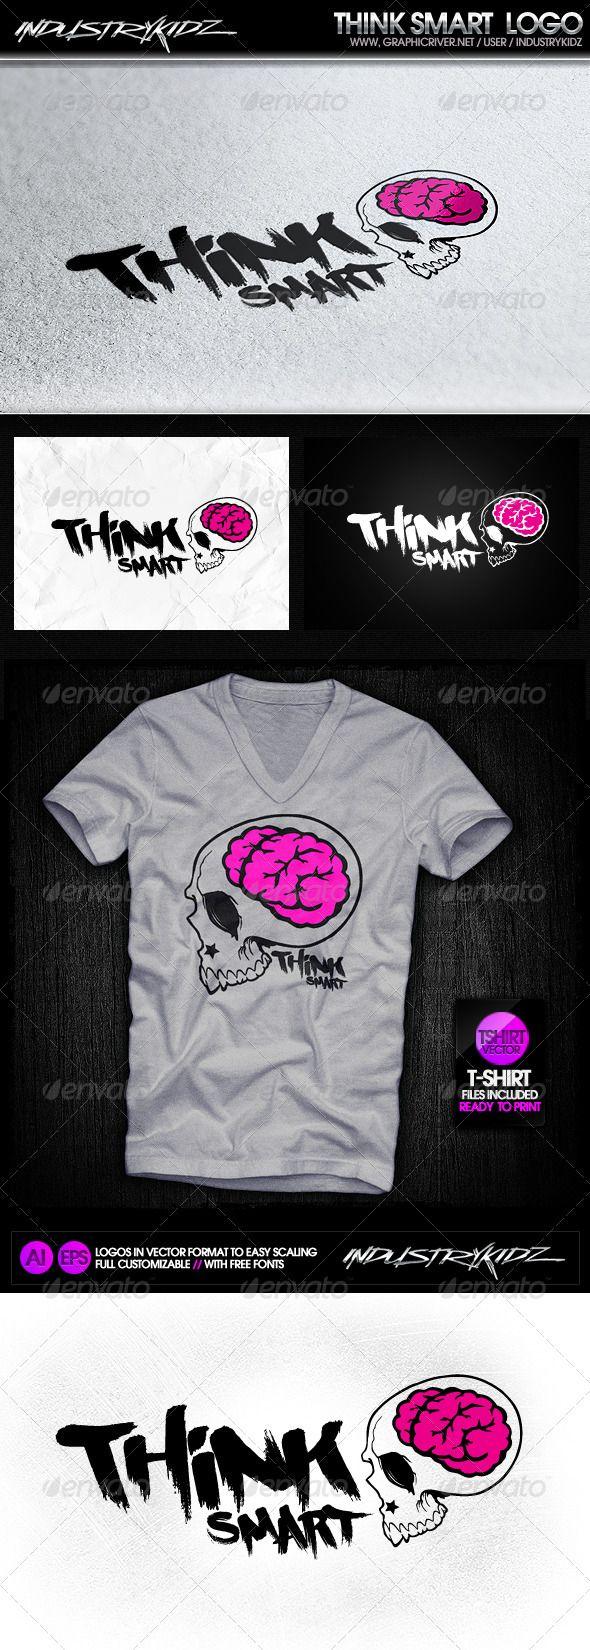 T Shirt Design Zeixs - Geek brain logo template